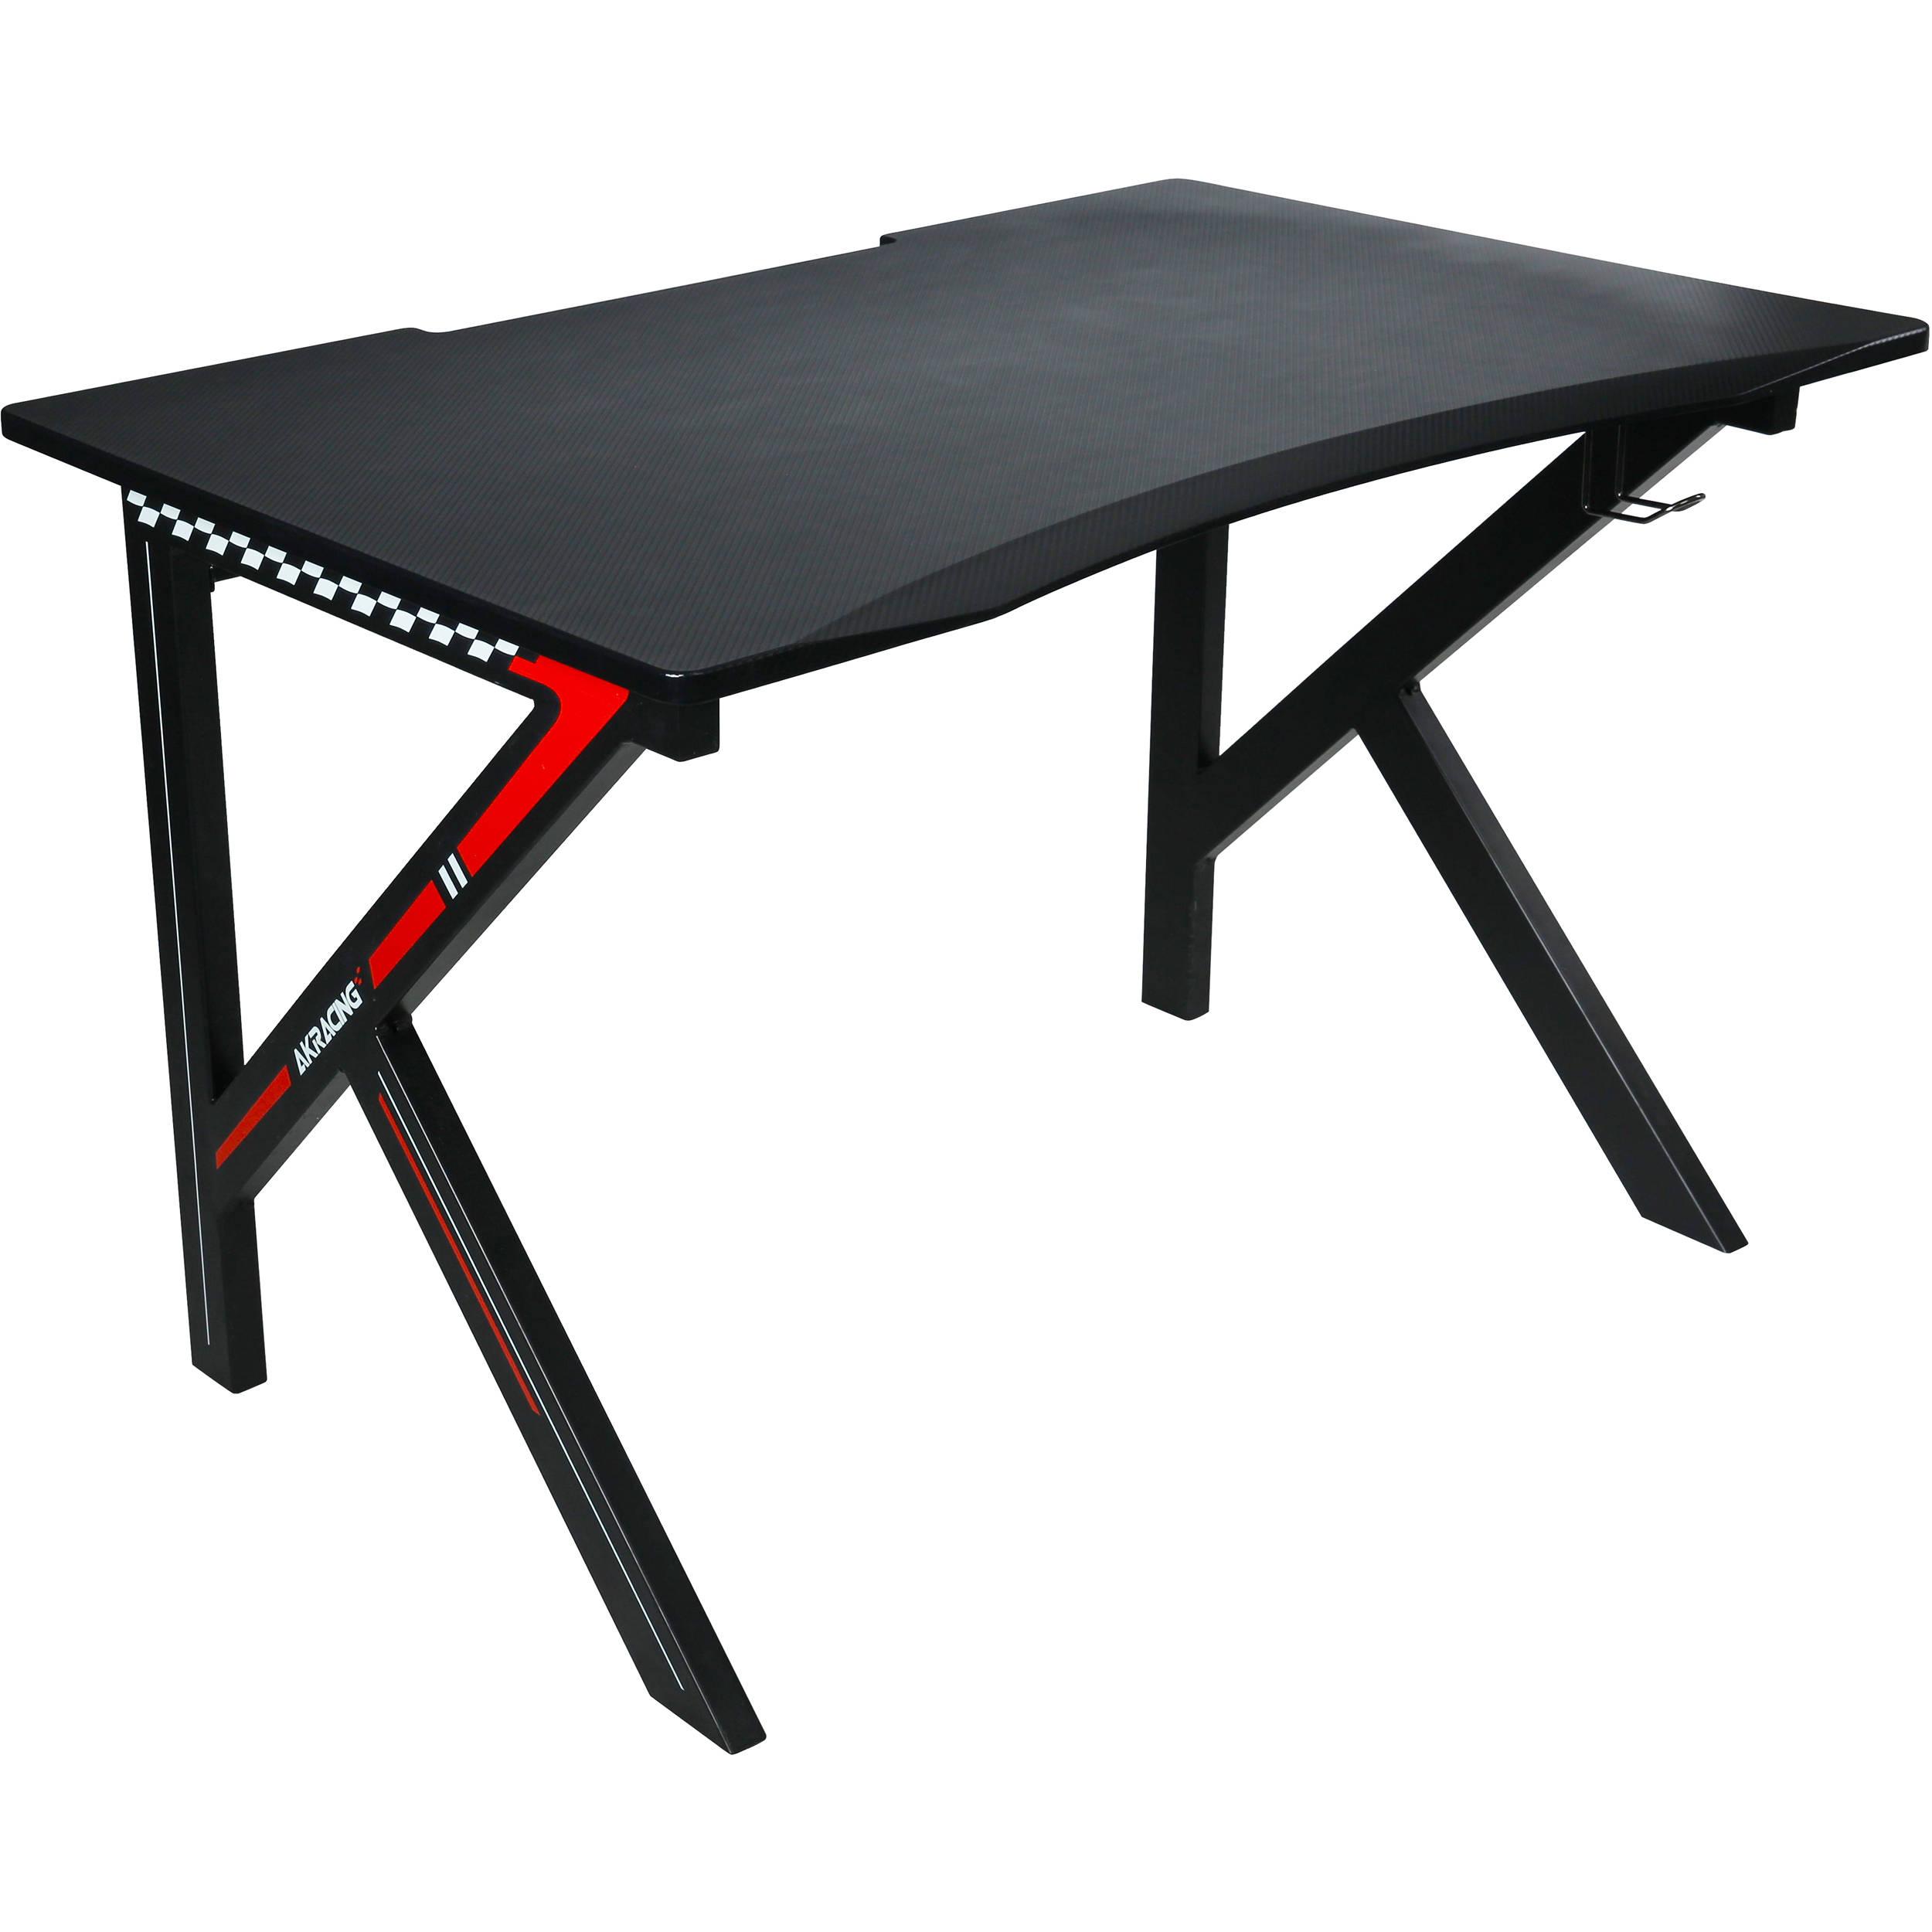 AKRacing AKRacing Summit Gaming Desk (Red) AK-SUMMIT-RD-NA B&H